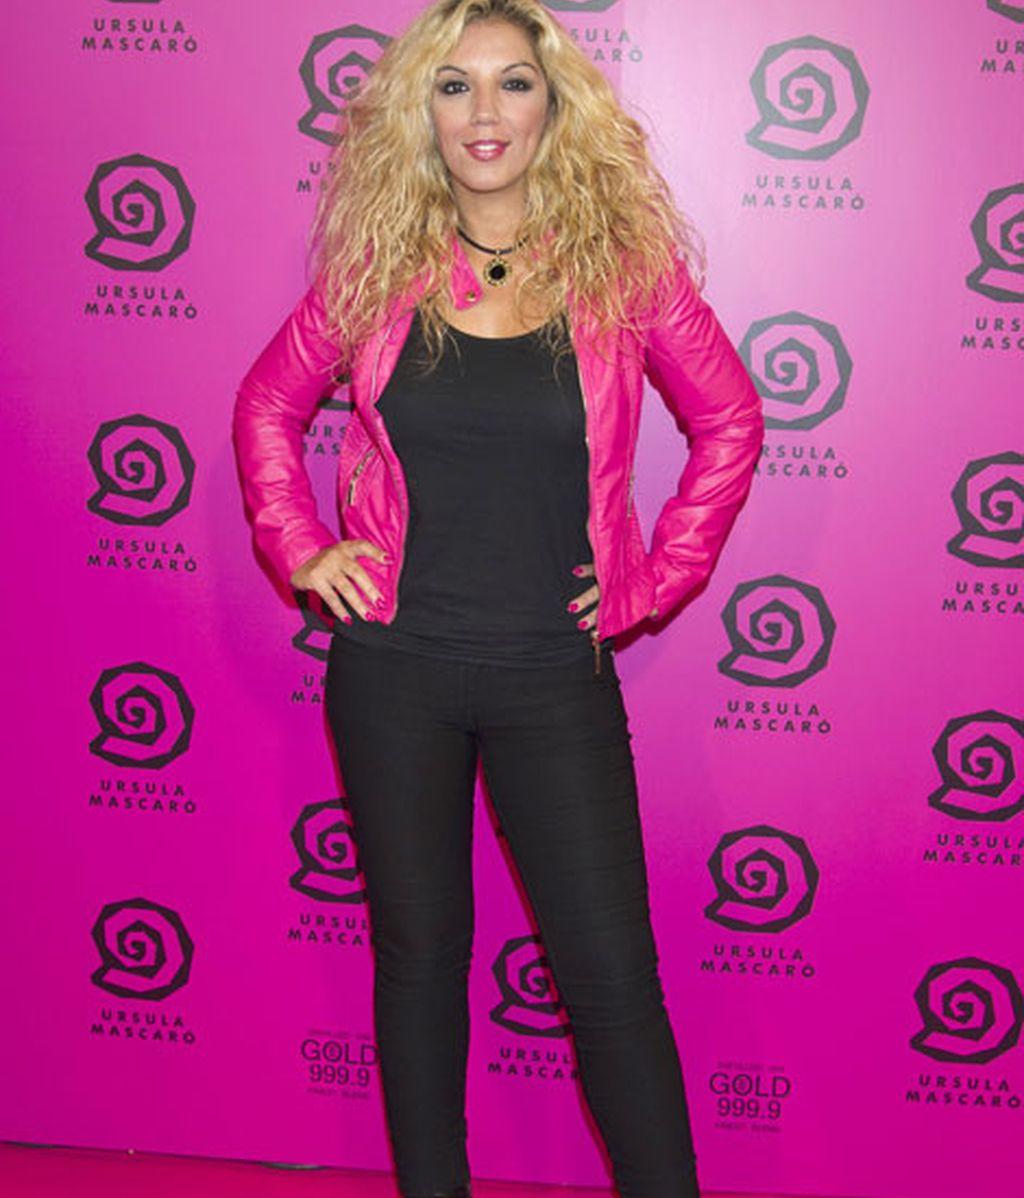 La cantante Rebeca, con chaqueta de cuero rosa